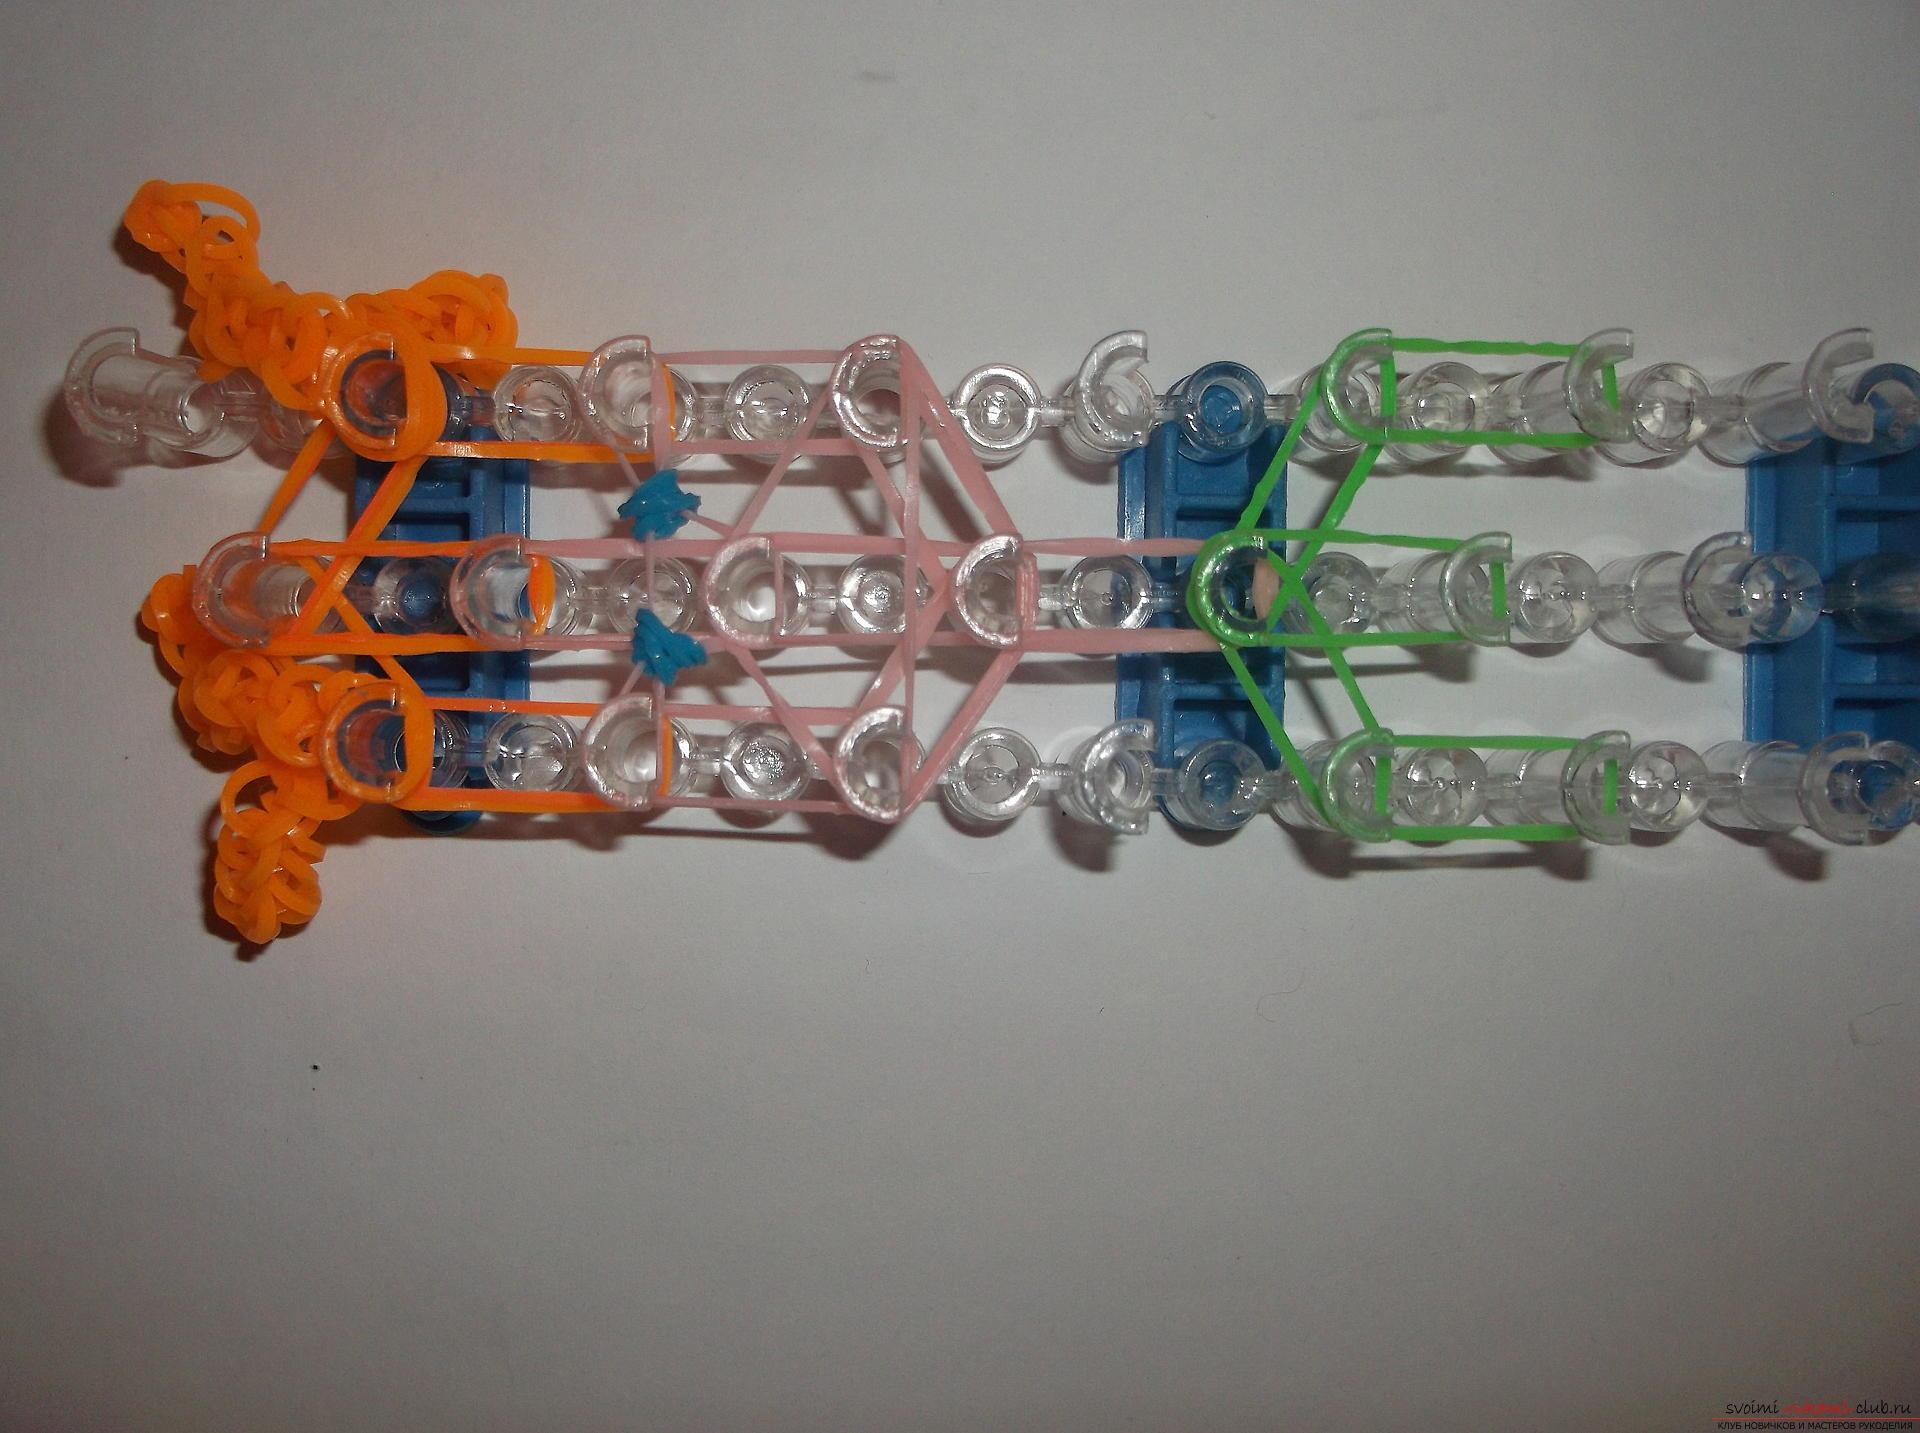 Фото к уроку по плетению из резиночек рыжеволосой девочки. Фото №13